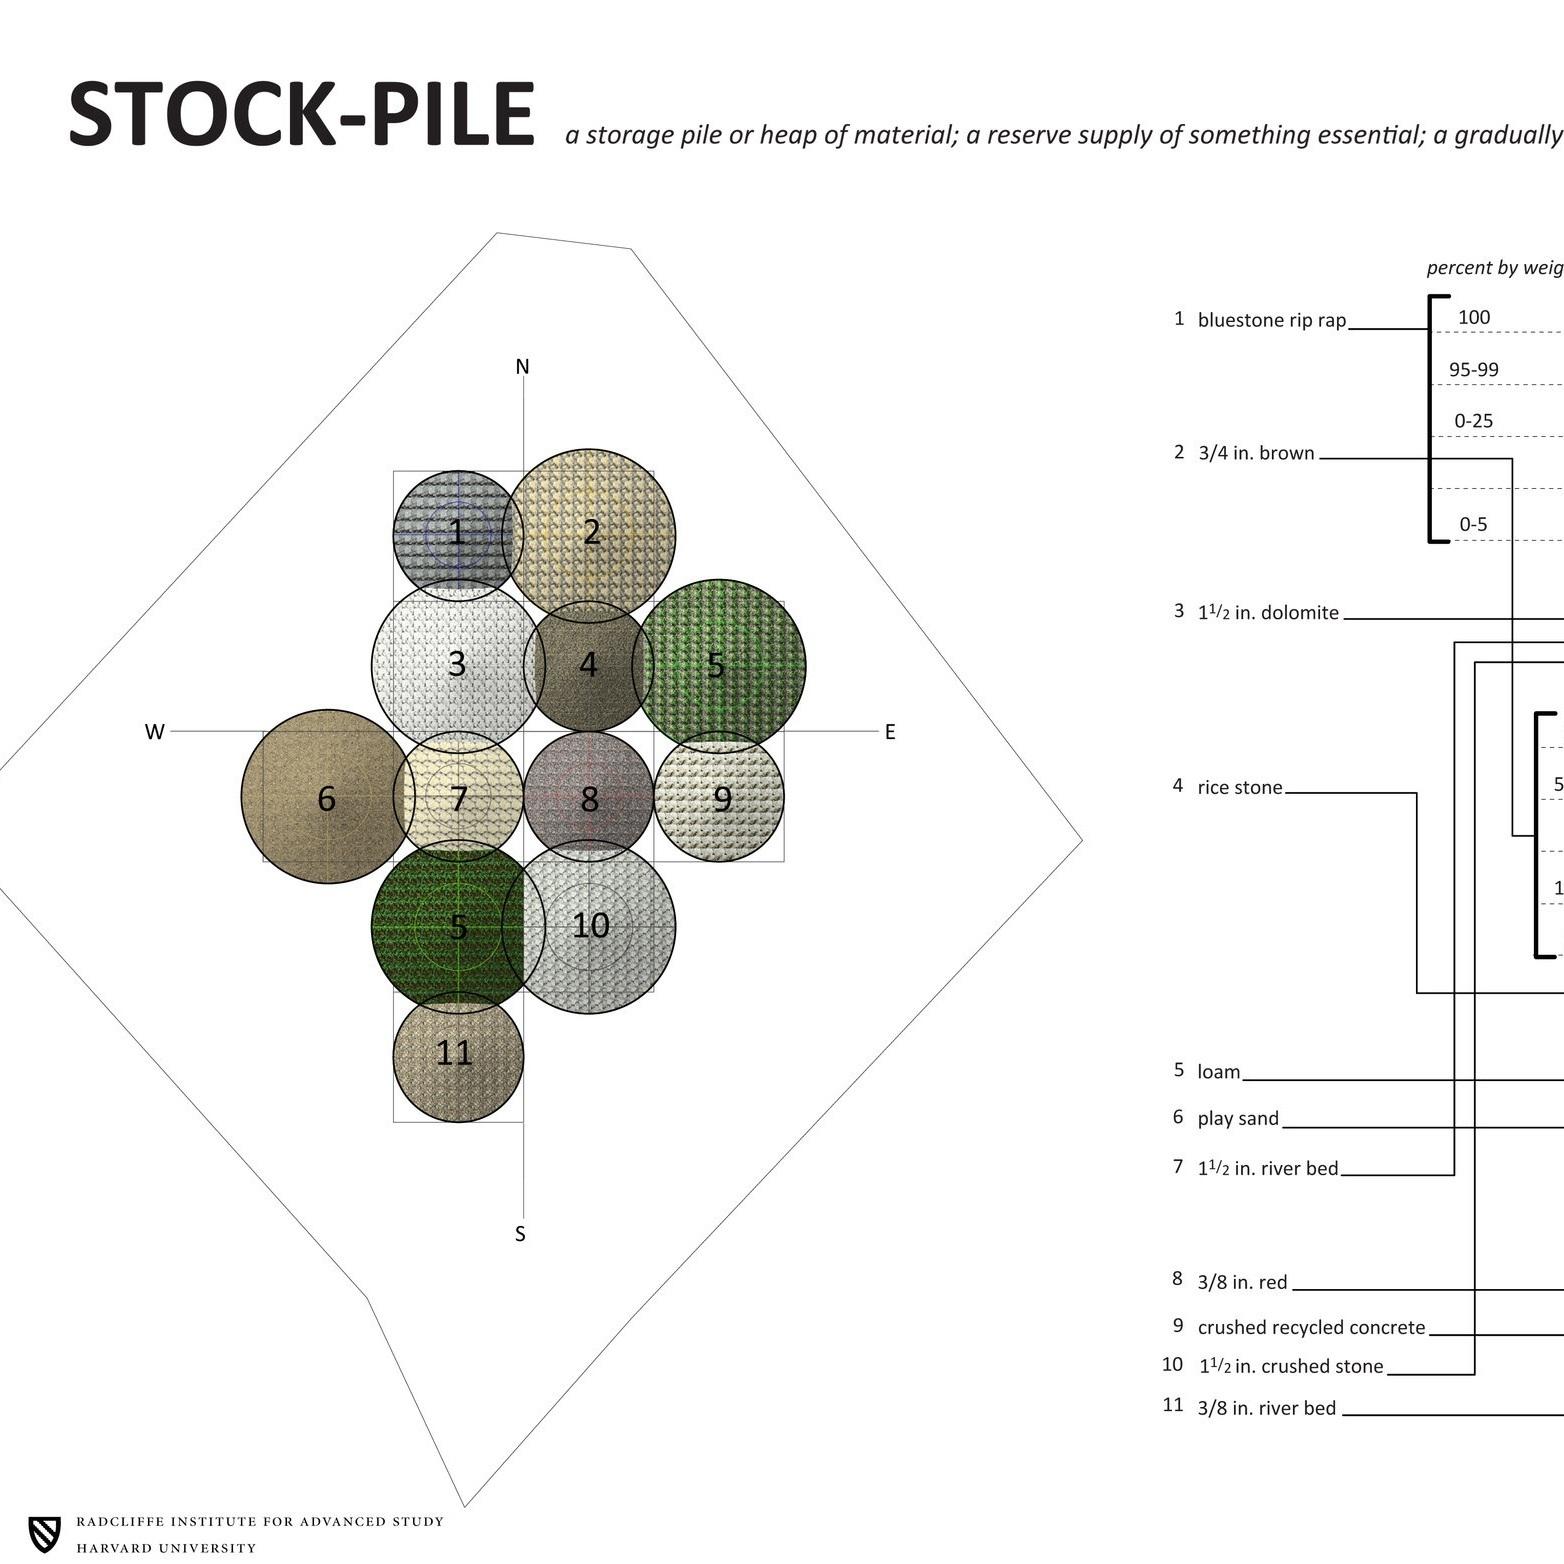 Stoss_Stock-Pile_216-02.jpg